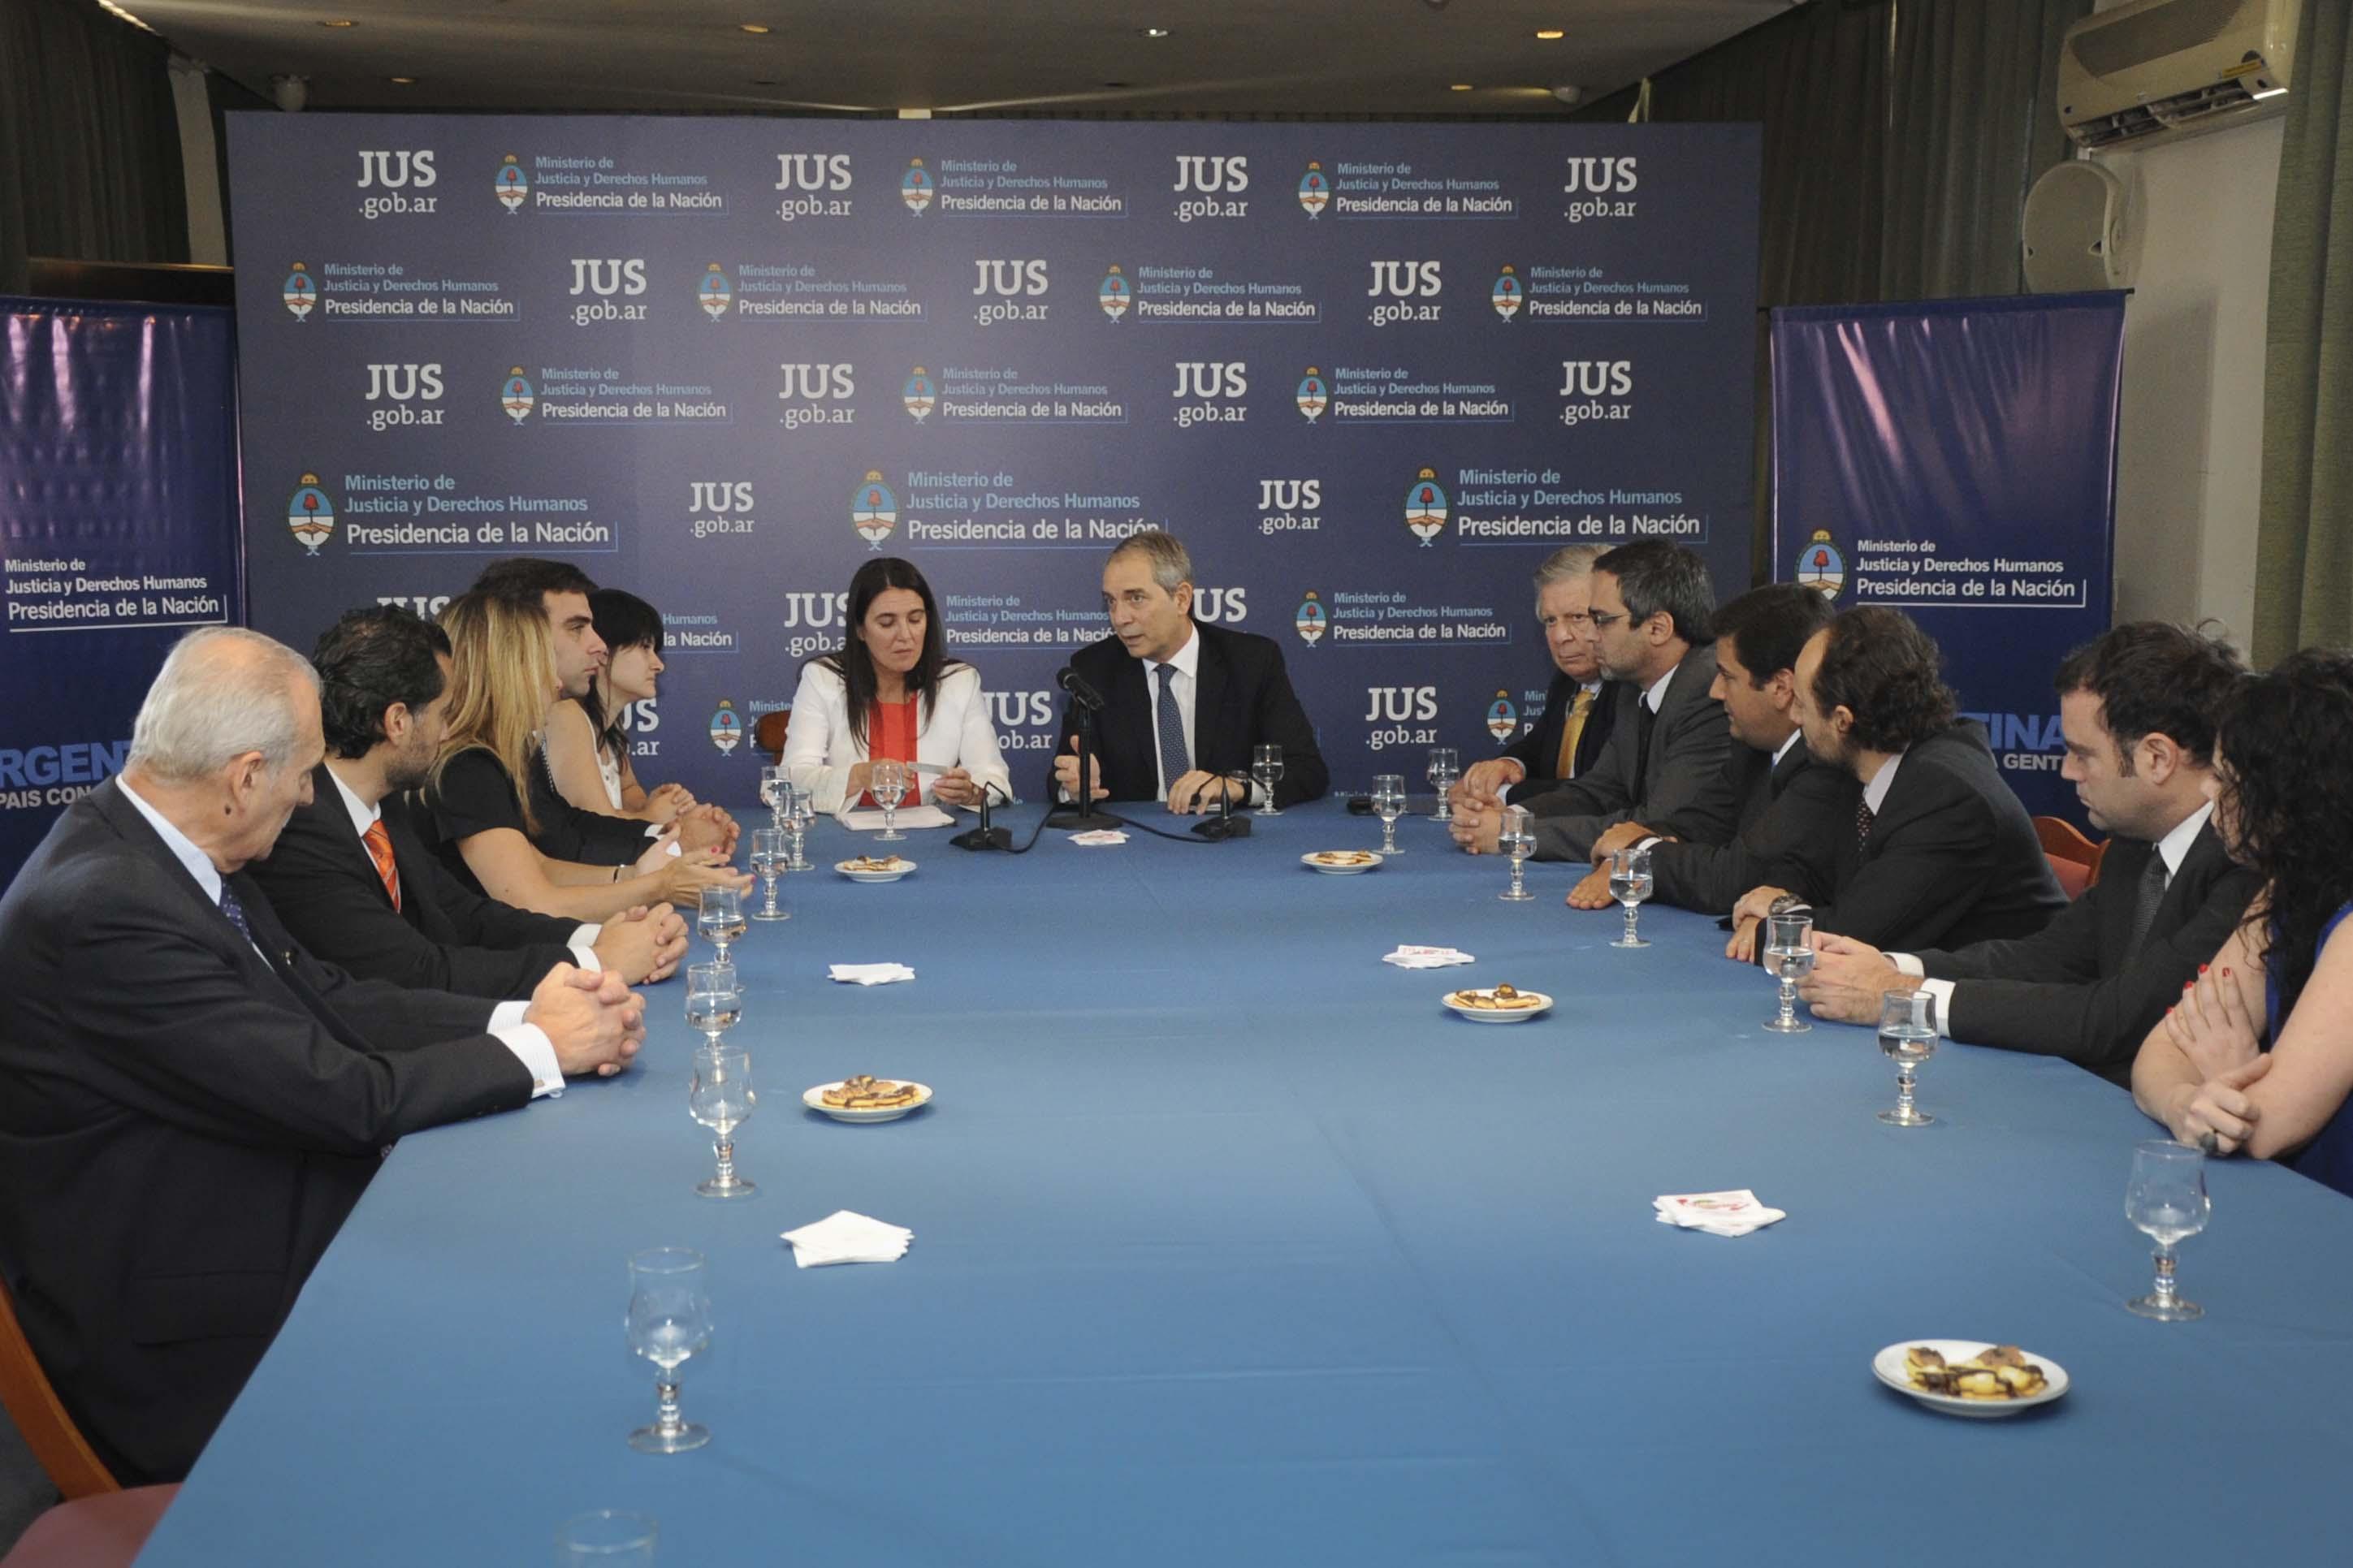 Justicia y Derechos Humanos, y la cartera de Seguridad, crearon una red de intercambio de información para prevenir el delito